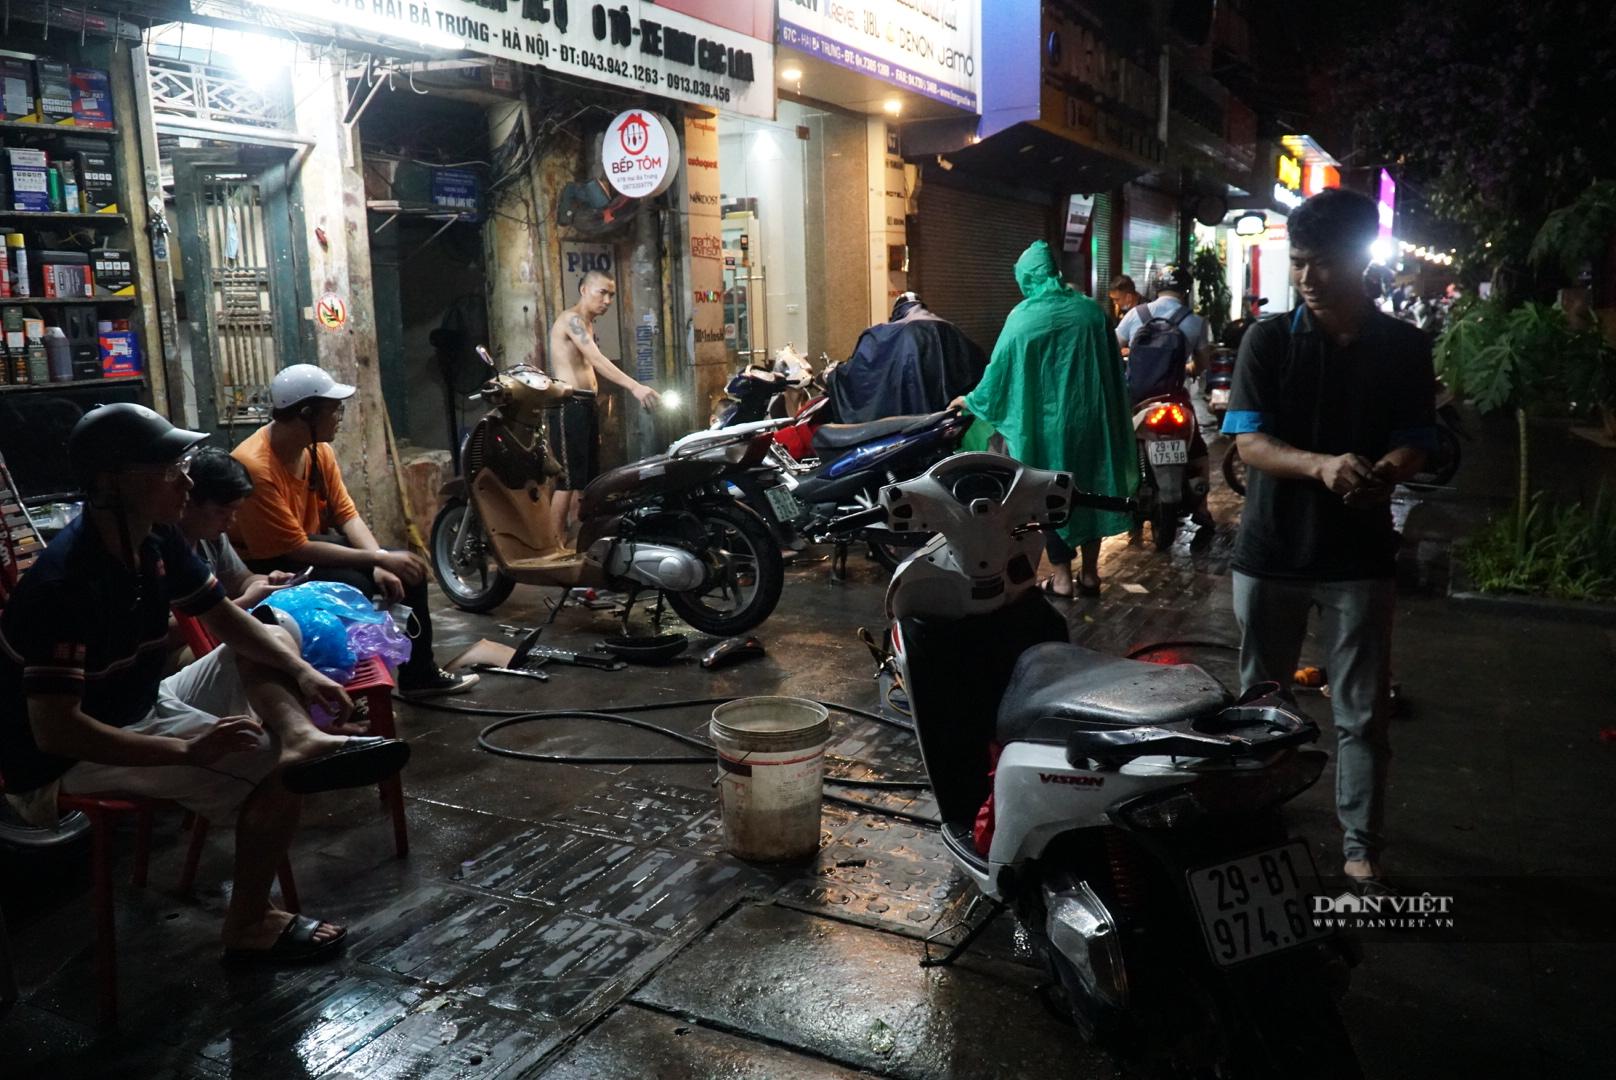 Hà Nội: Lau bugi xe sau cơn mưa lớn kiếm bộn tiền - Ảnh 5.